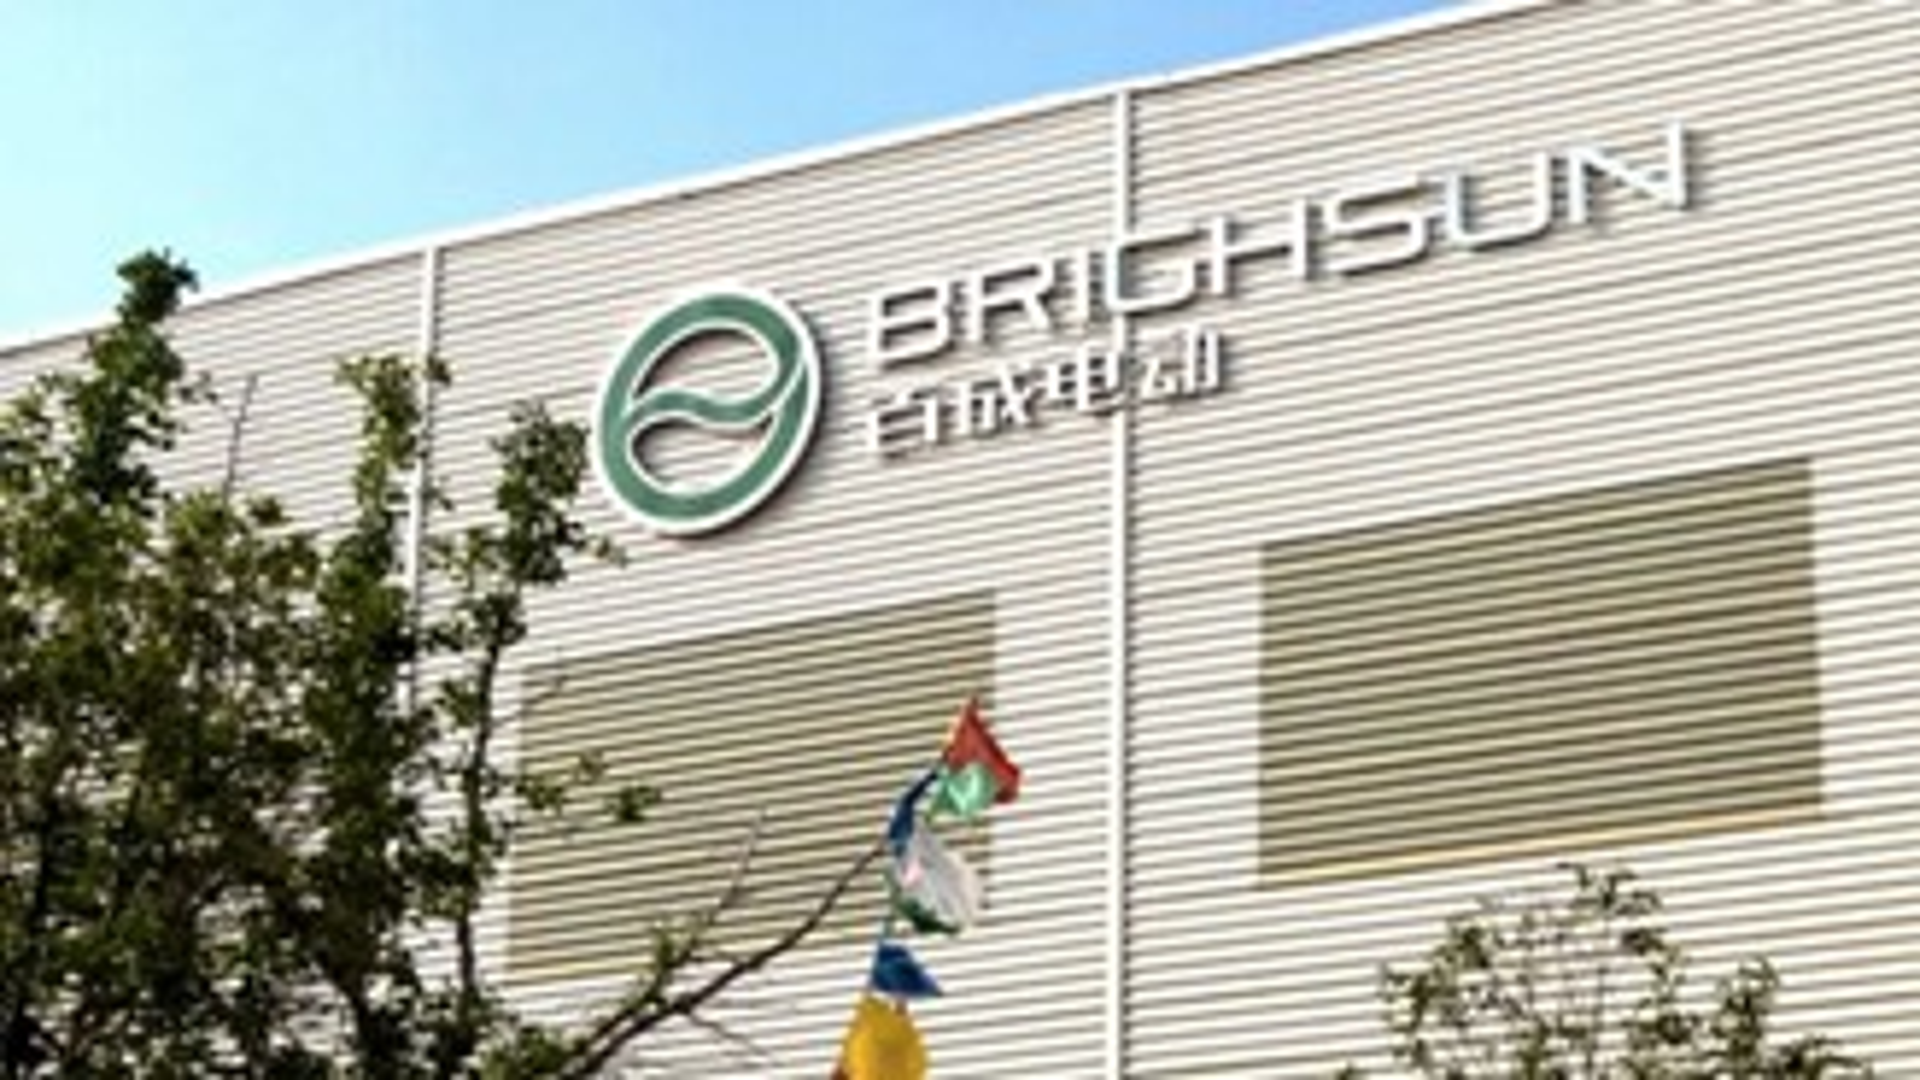 Brighsun New Energy, empresa responsável pelas pesquisas.